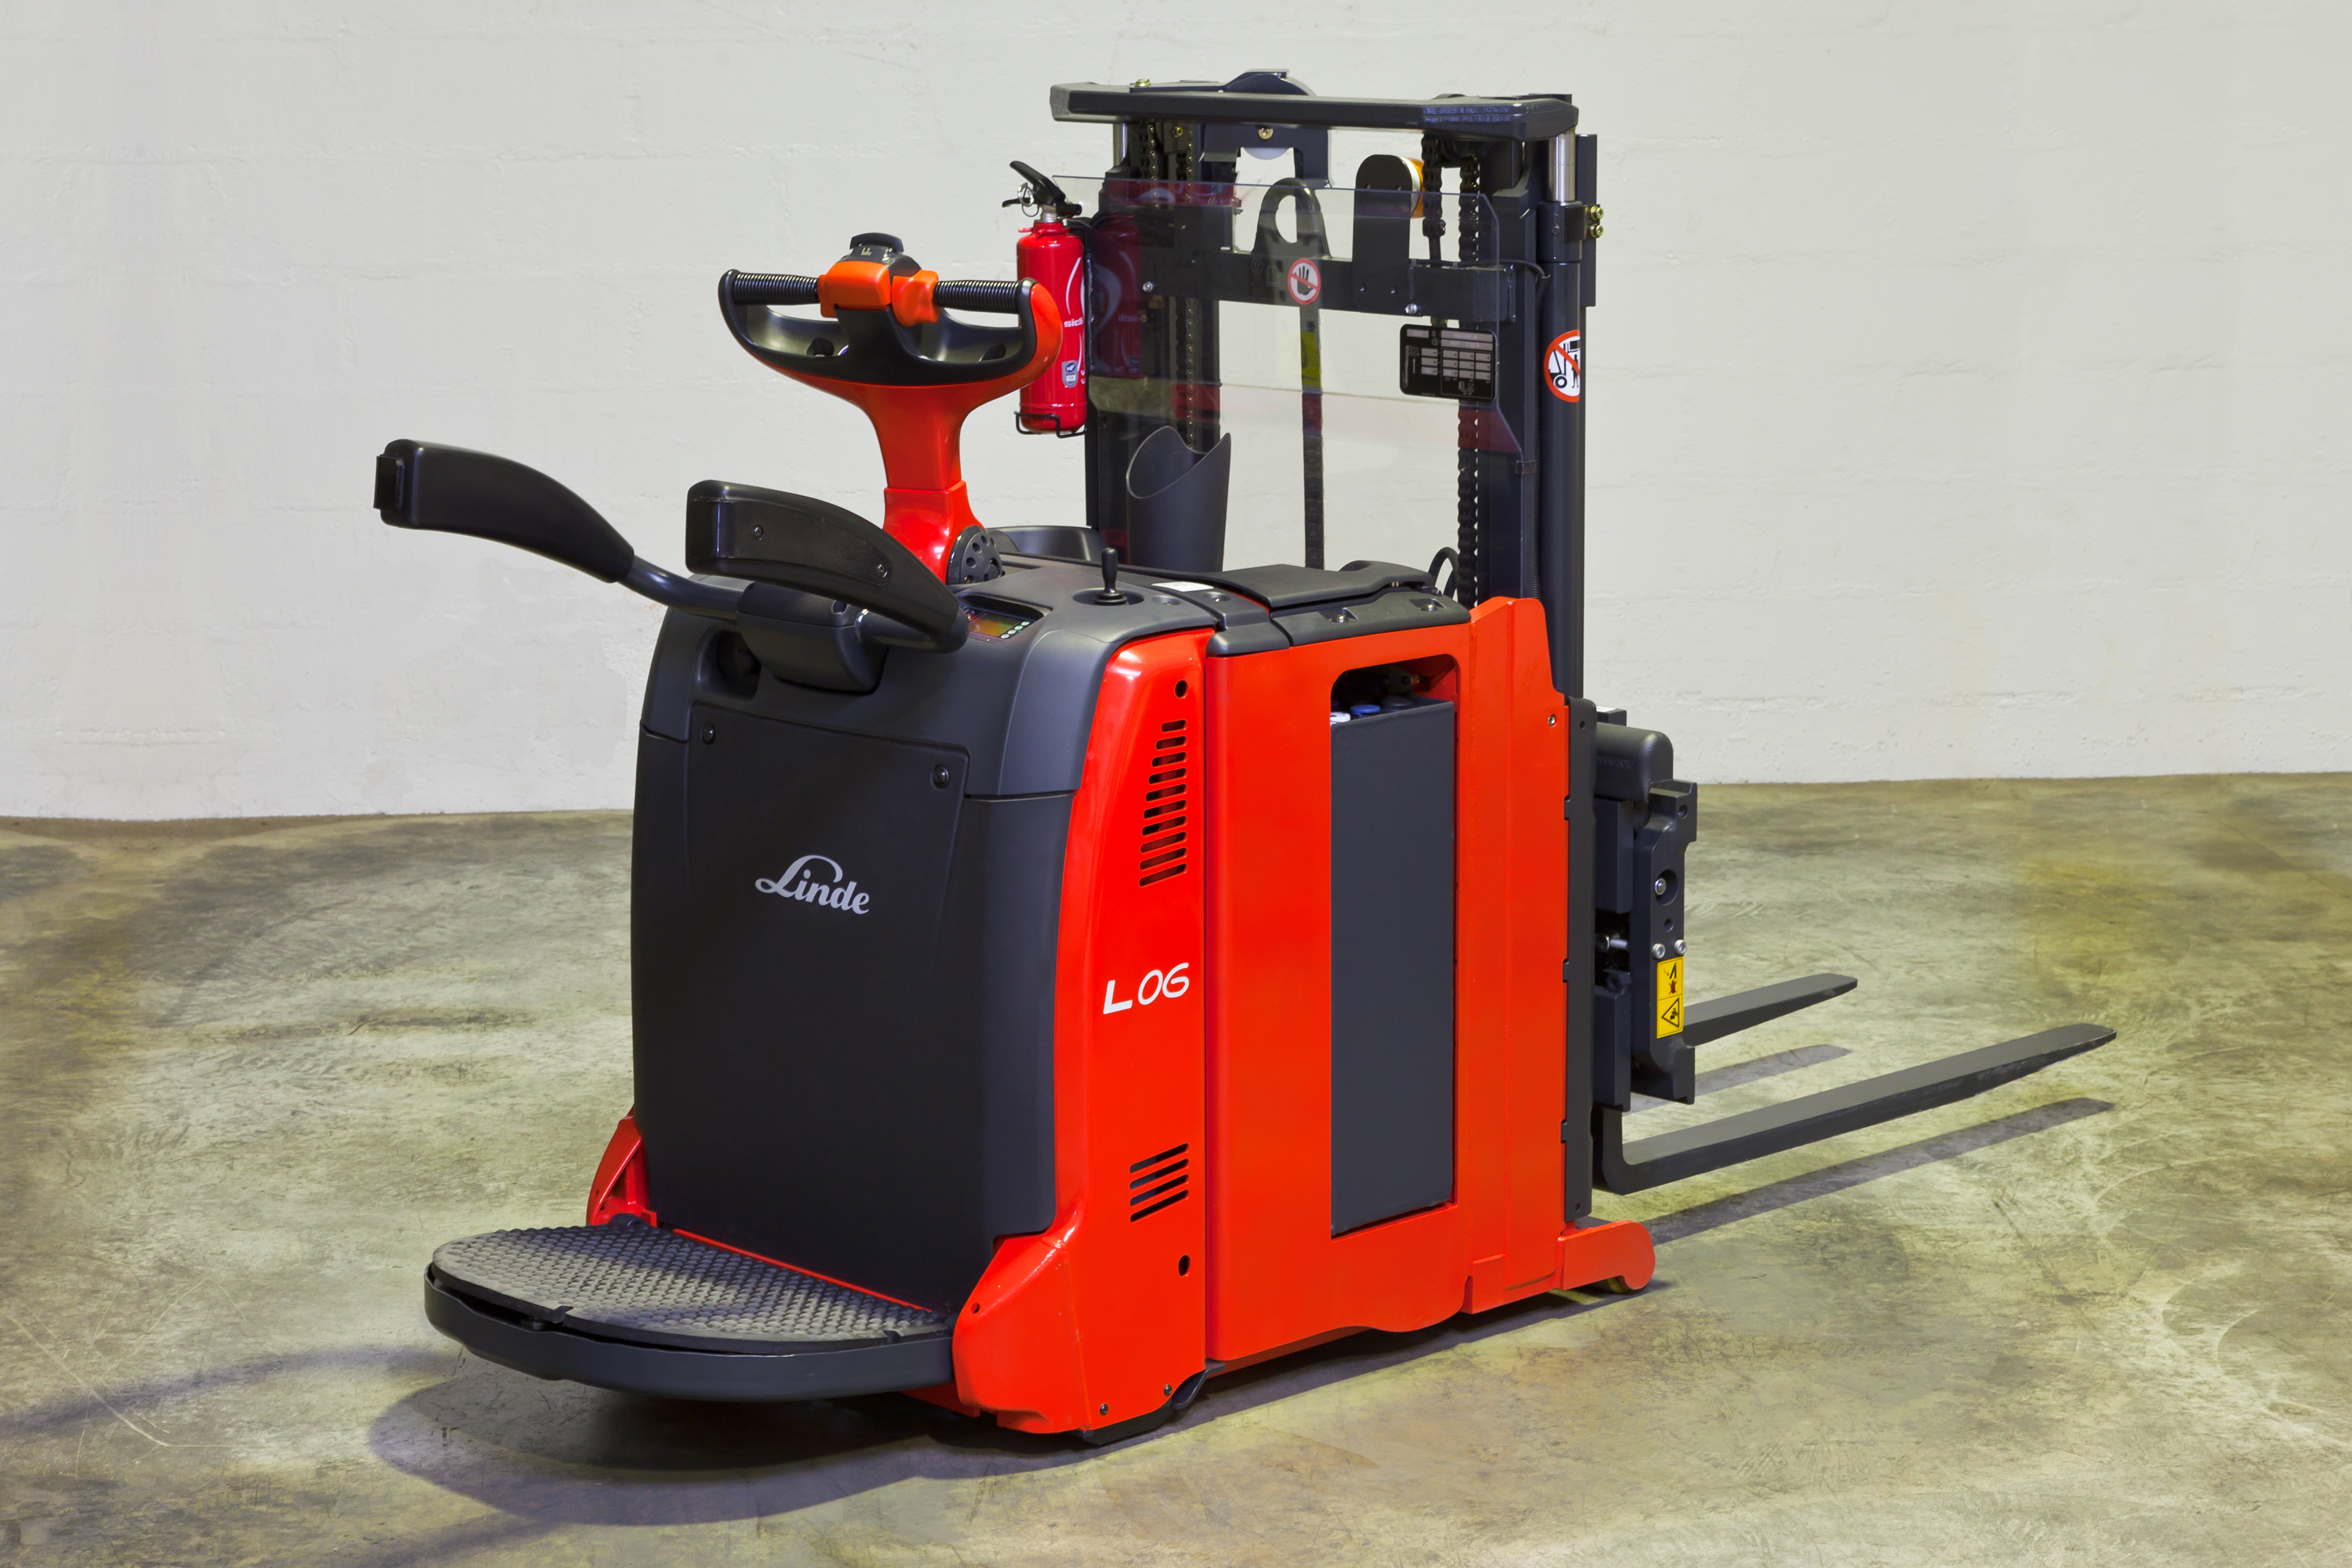 Von der Einzellösung zum Serienprodukt – der L06 Hochhubwagen. Foto: Linde Material Handling GmbH, Aschaffenburg.